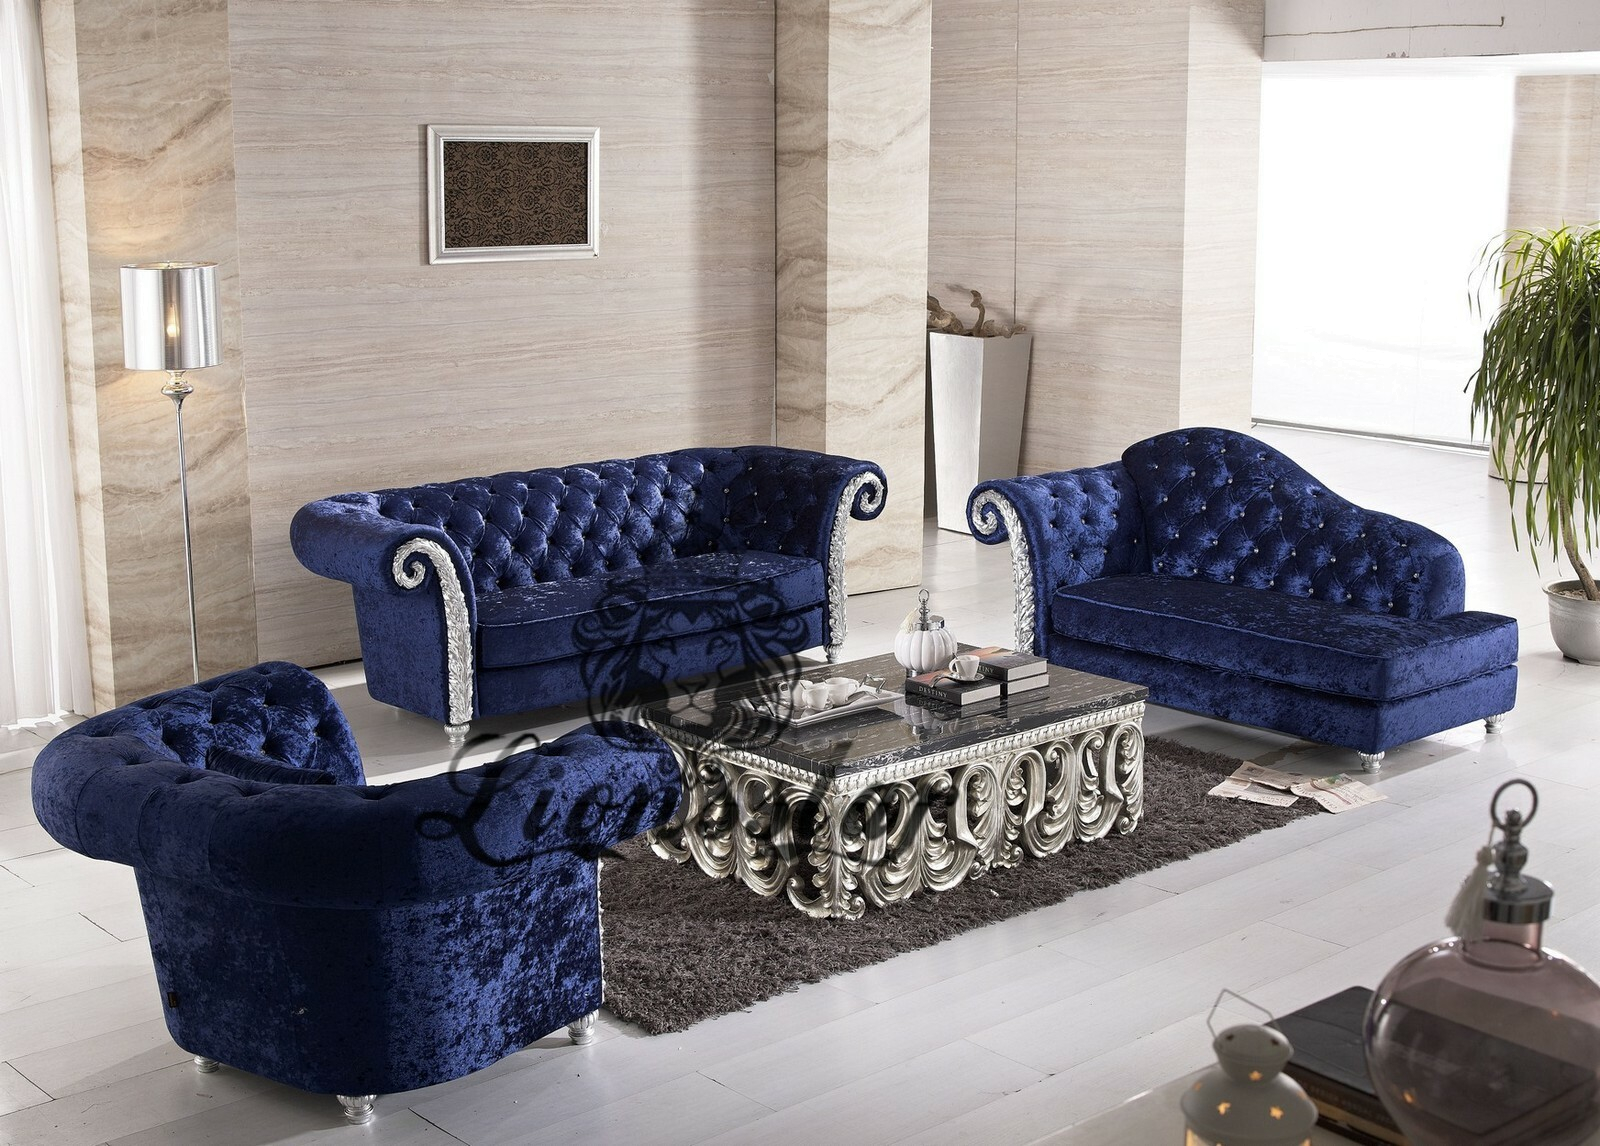 Couchgarnitur Samtstoff Blau